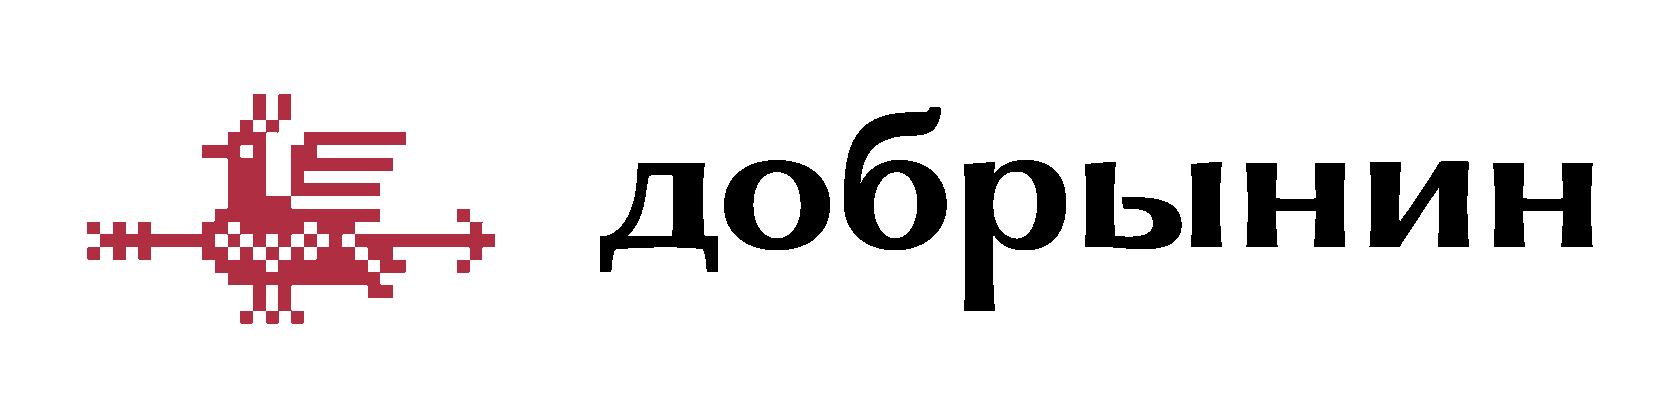 Добрынин